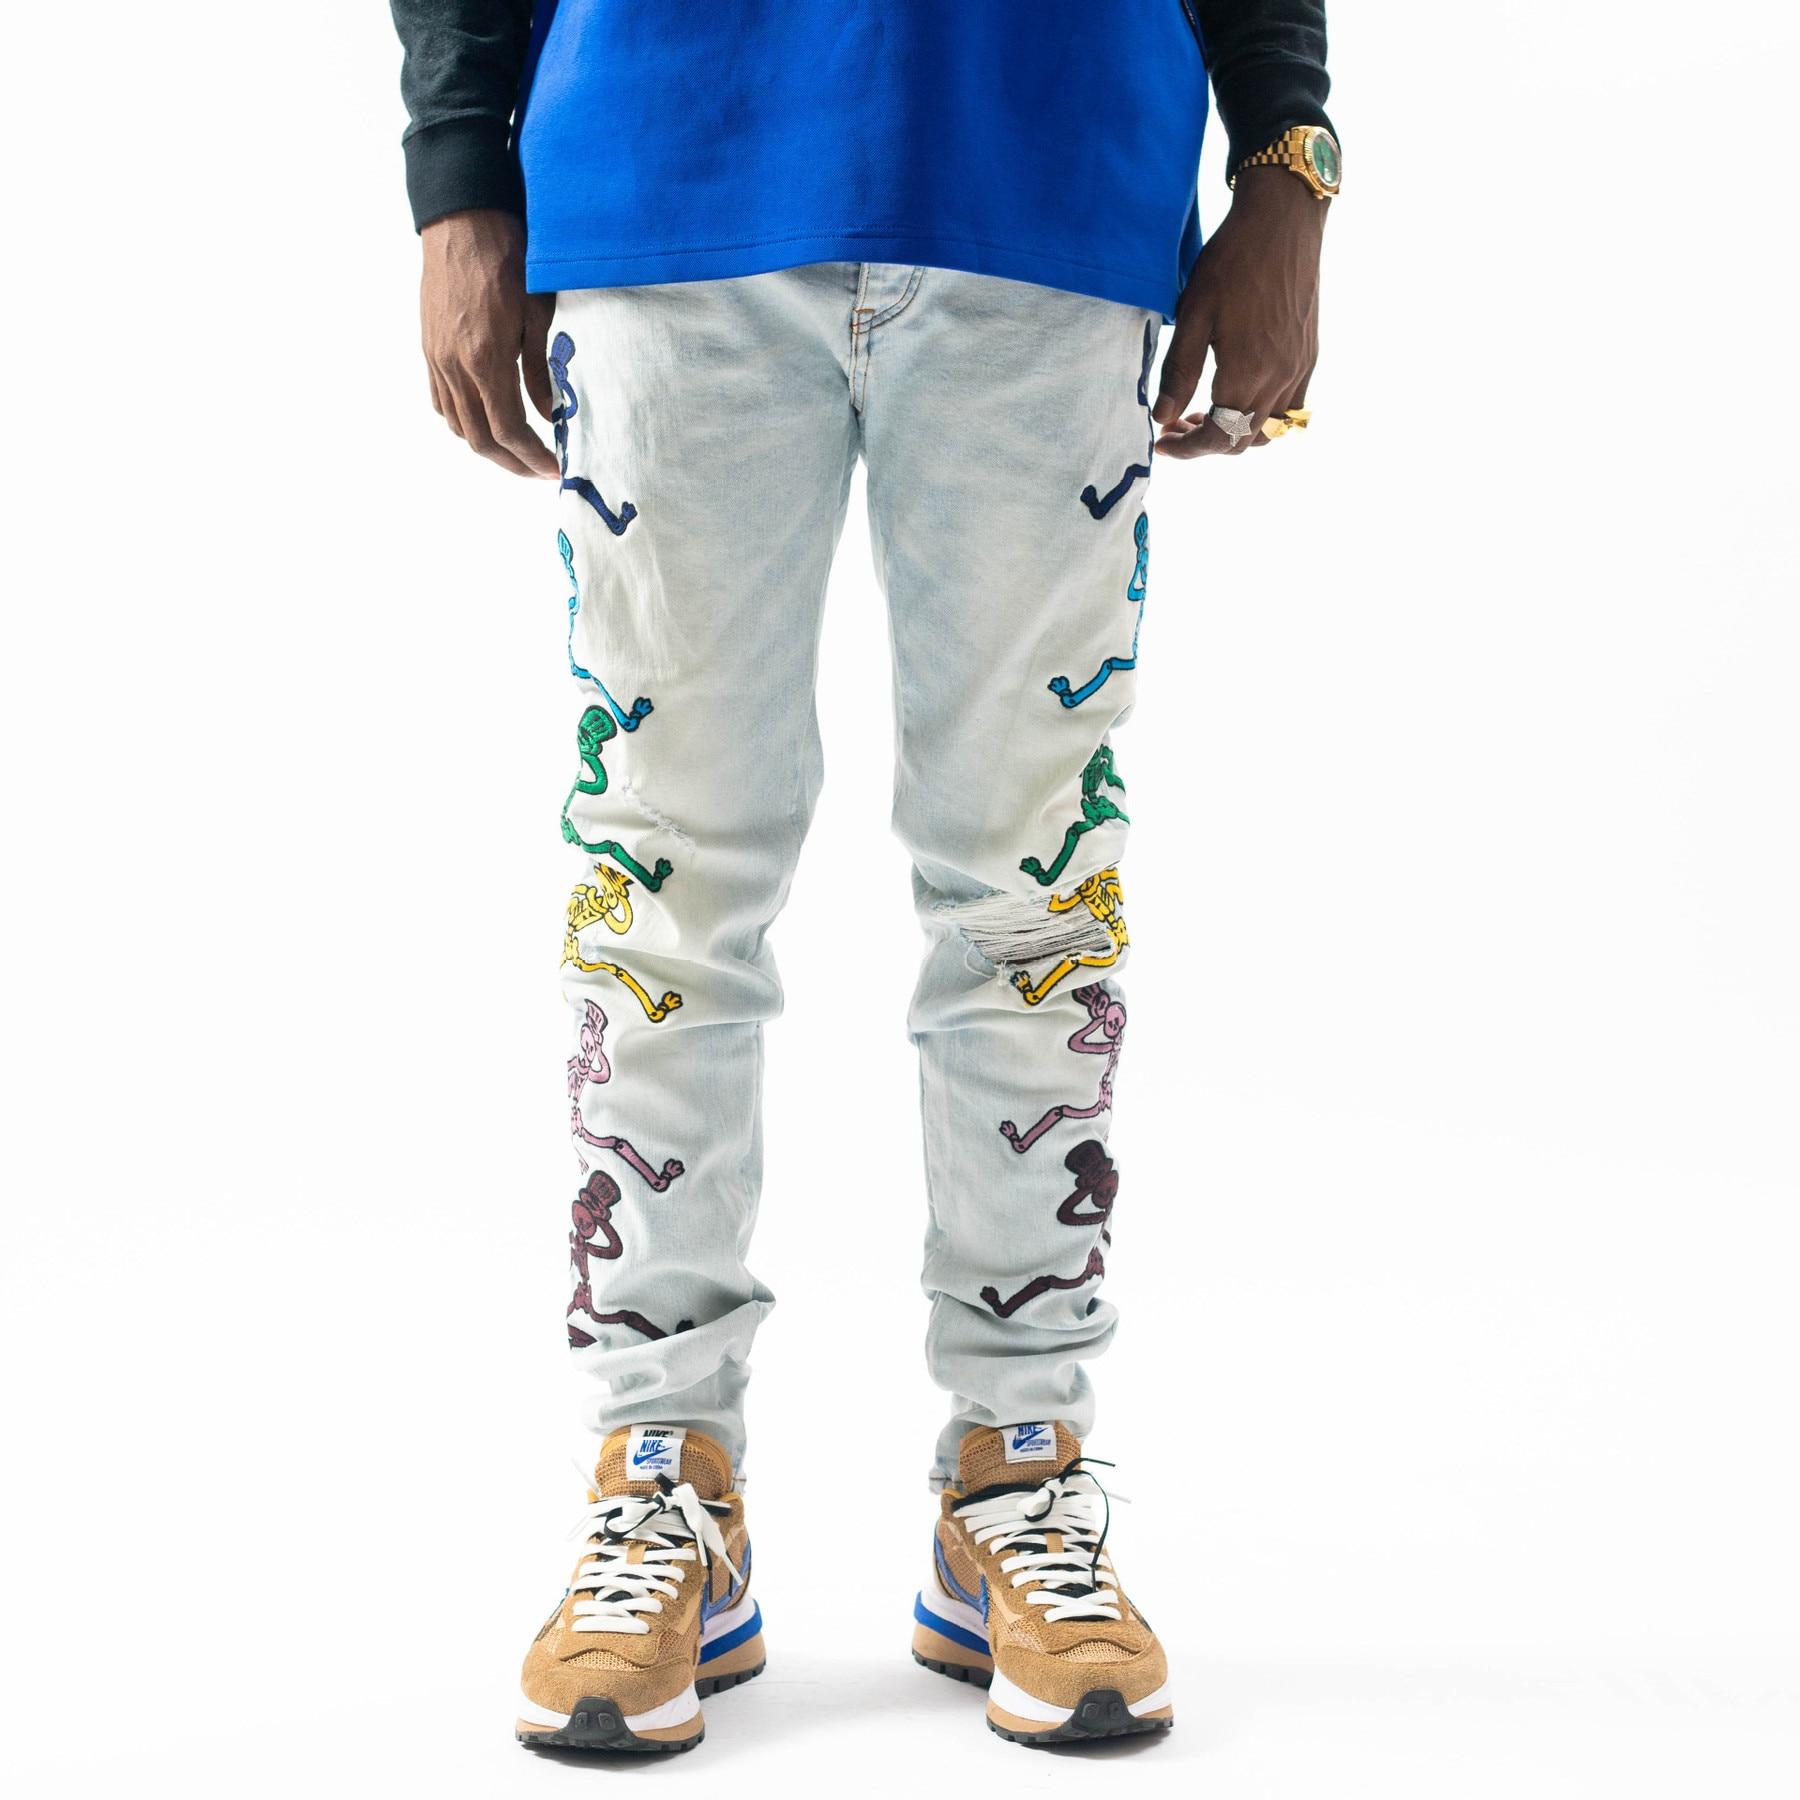 Мужские брендовые джинсы, роскошные облегающие светло-голубые джинсы с вышивкой, мужские рваные джинсы в стиле Хай-стрит, панк-рок